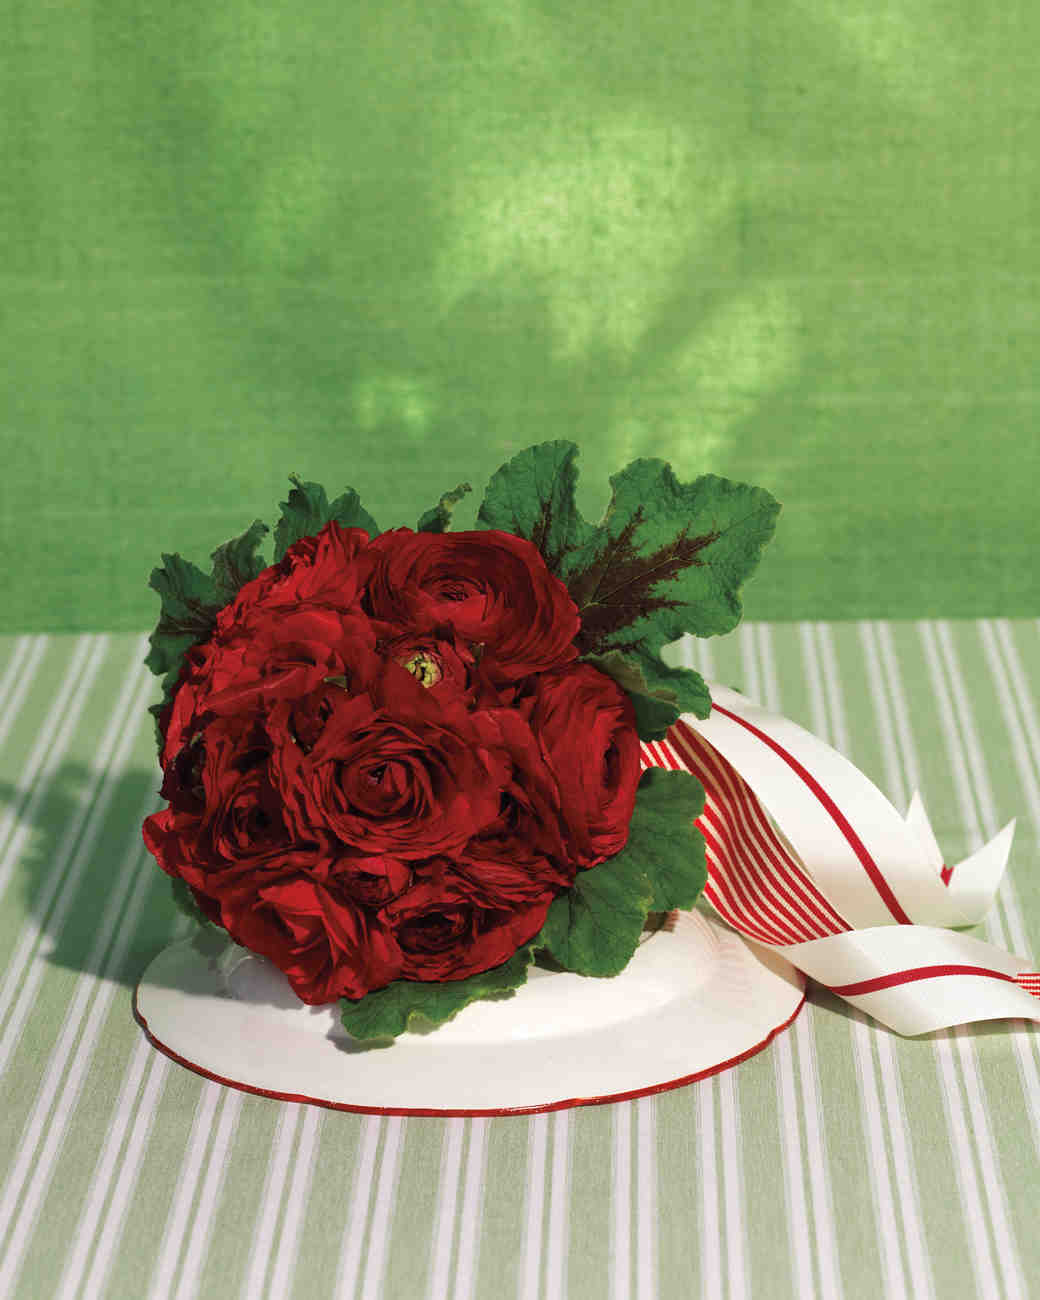 msw-sum-06-bouquet-wd102183.jpg